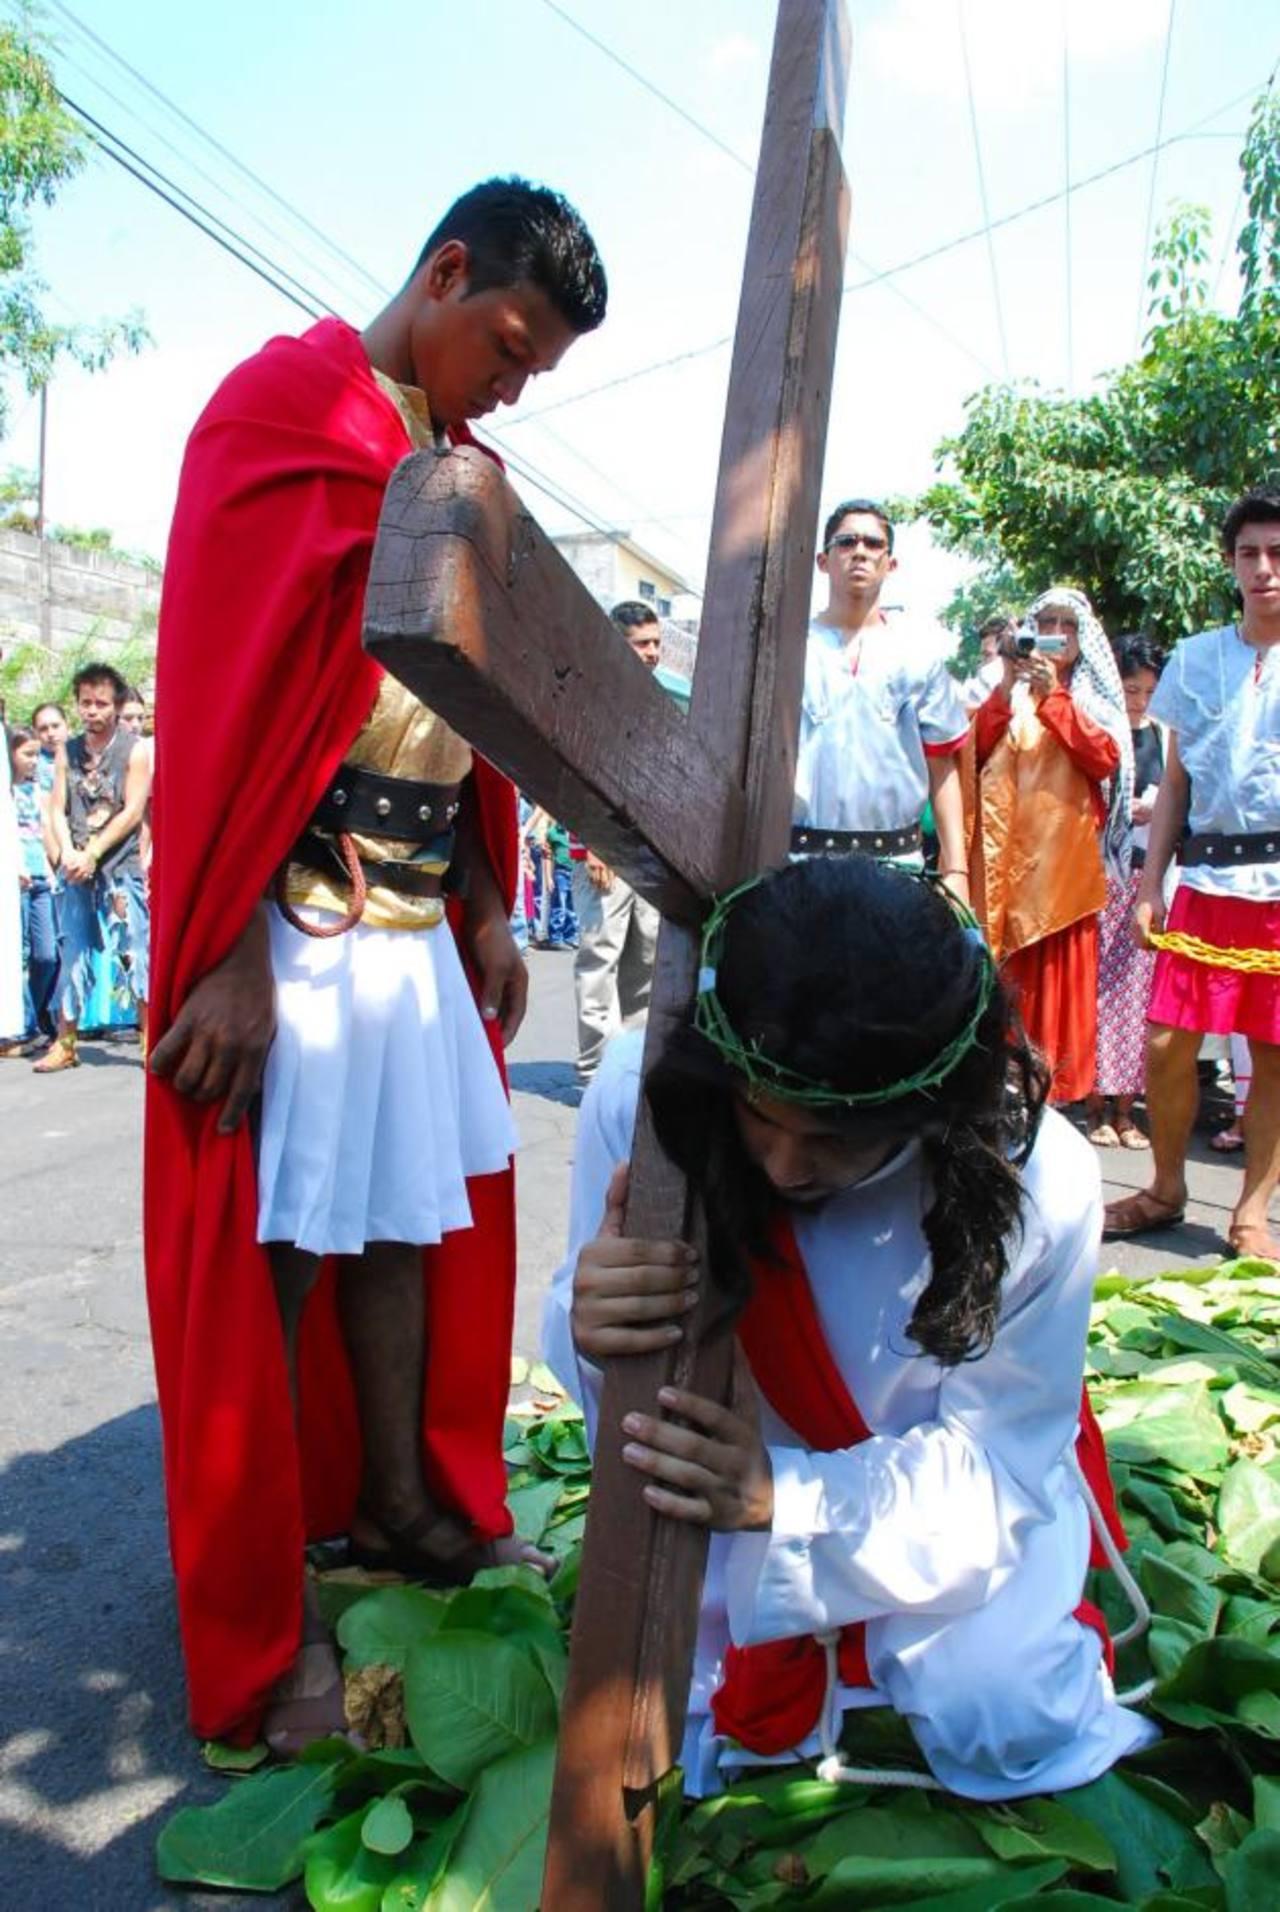 Jóvenes migueleños aseguran que es un honor participar de las actividades que conmemoran muerte de Jesús. foto edh /